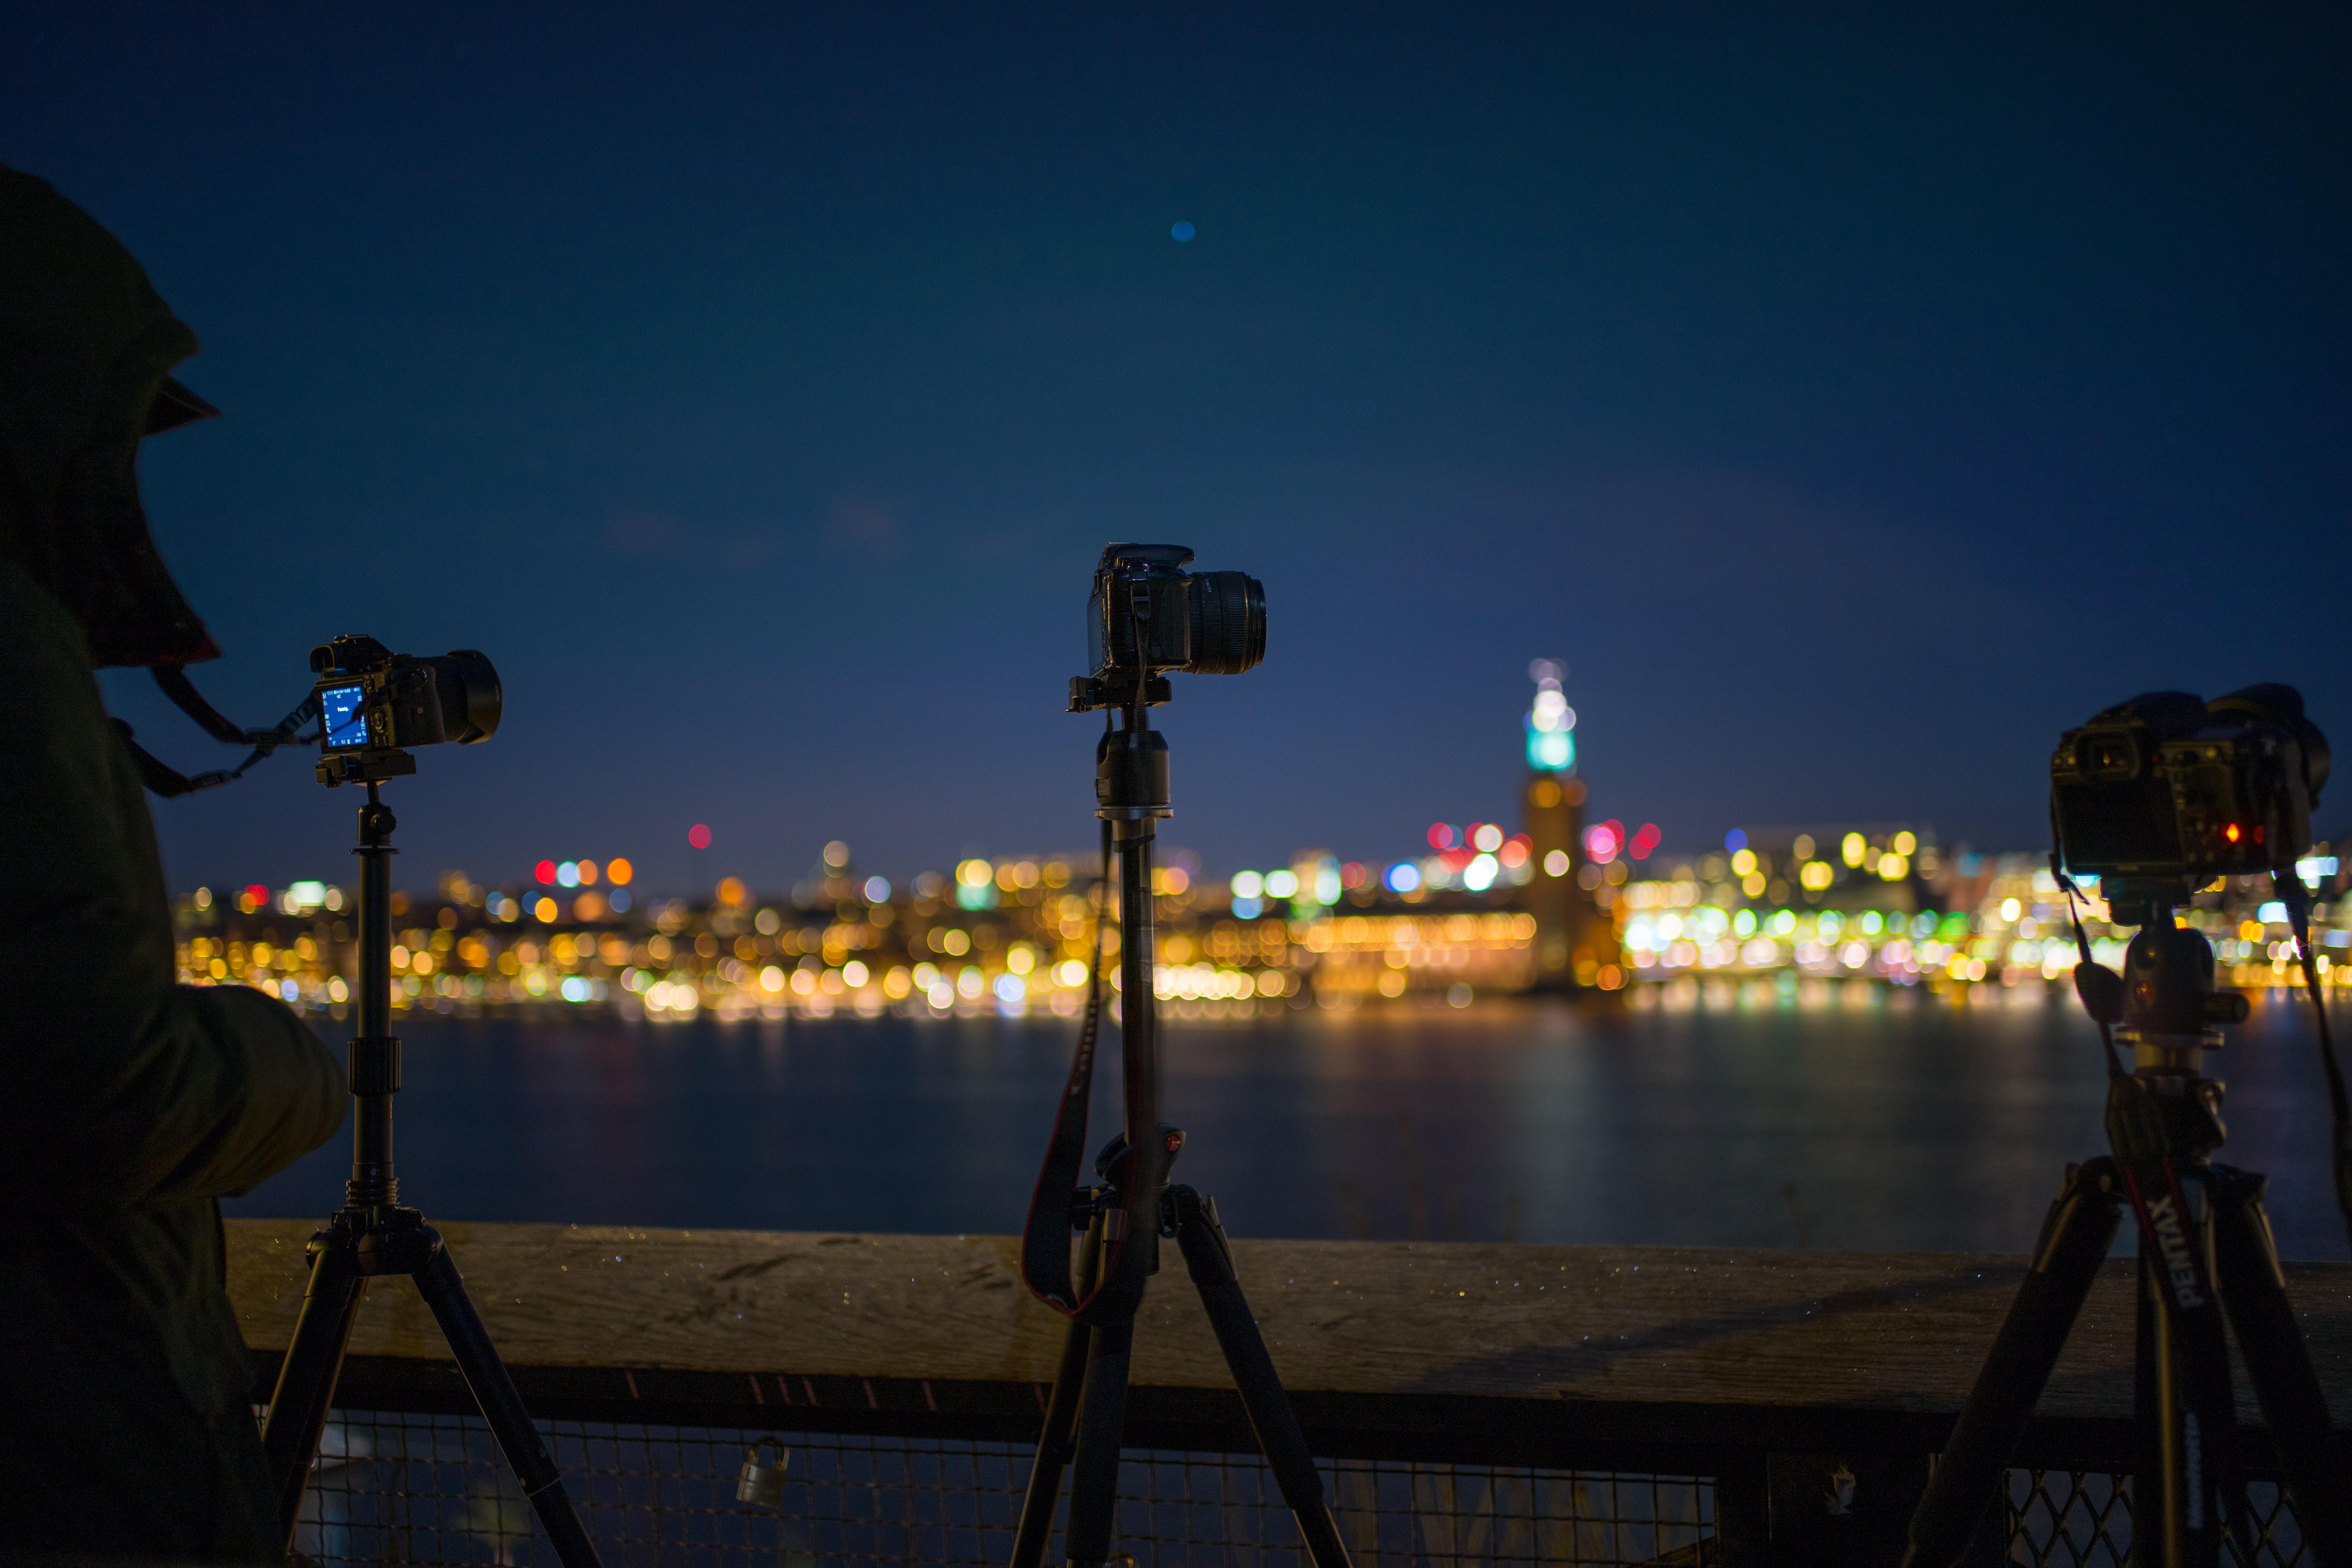 фотоаппарат для снимков ночного неба несколько типов этой